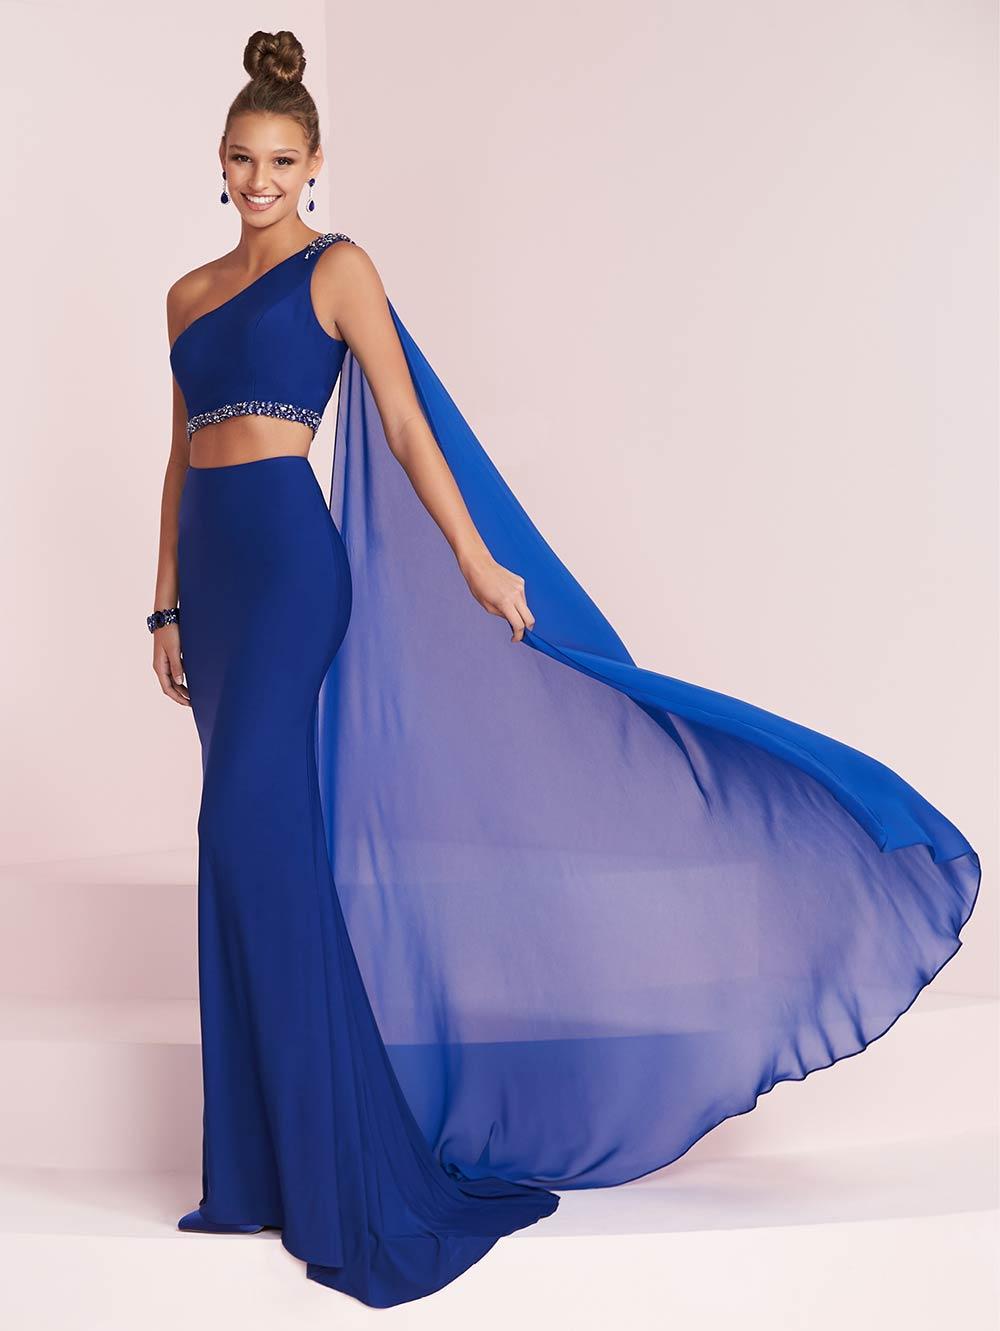 prom-dresses-jacquelin-bridals-canada-27584